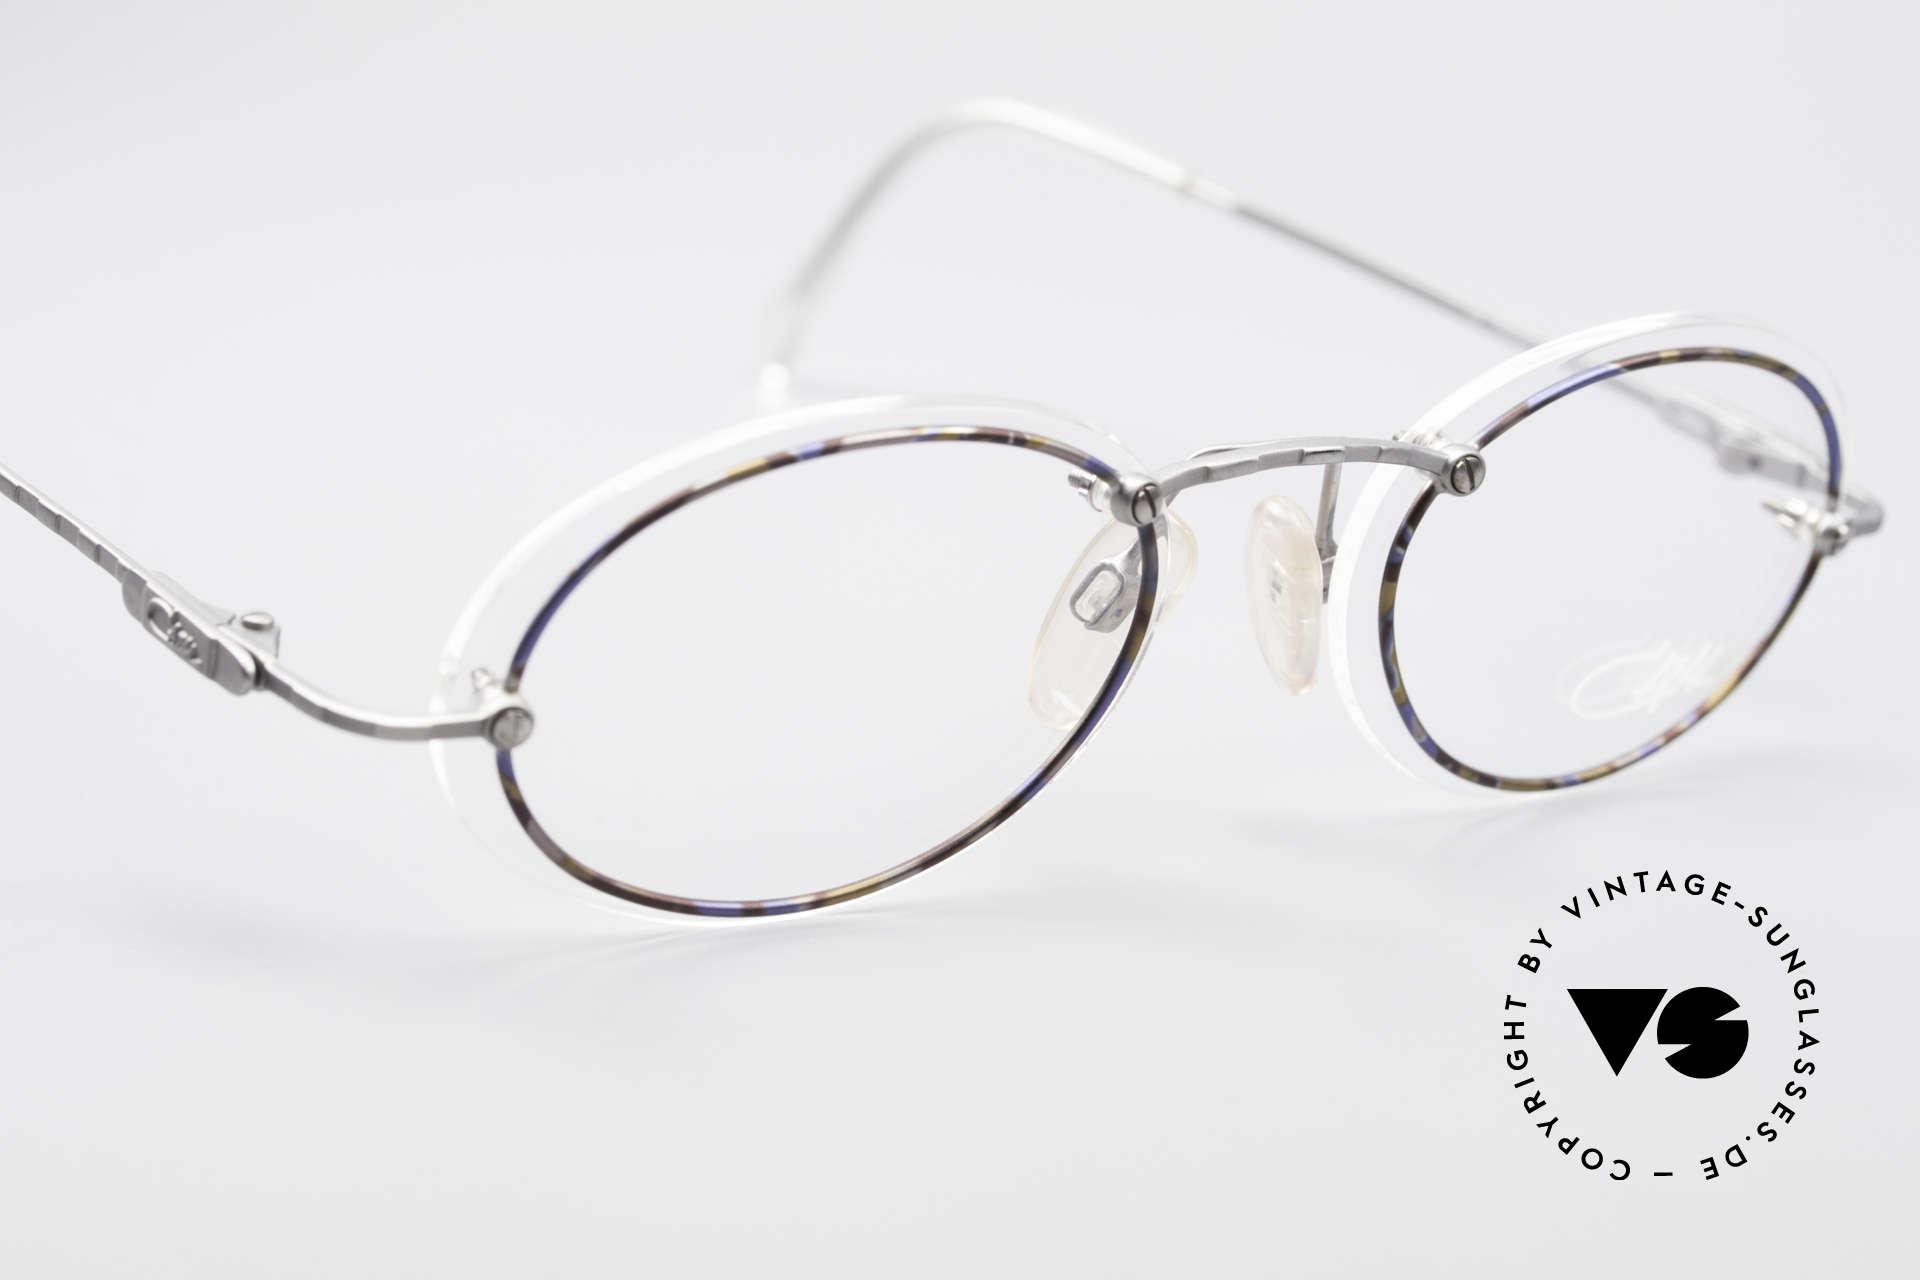 Cazal 770 Ovale Vintagebrille No Retro, KEINE Retrobrille, sondern ein echtes 90er ORIGINAL, Passend für Herren und Damen